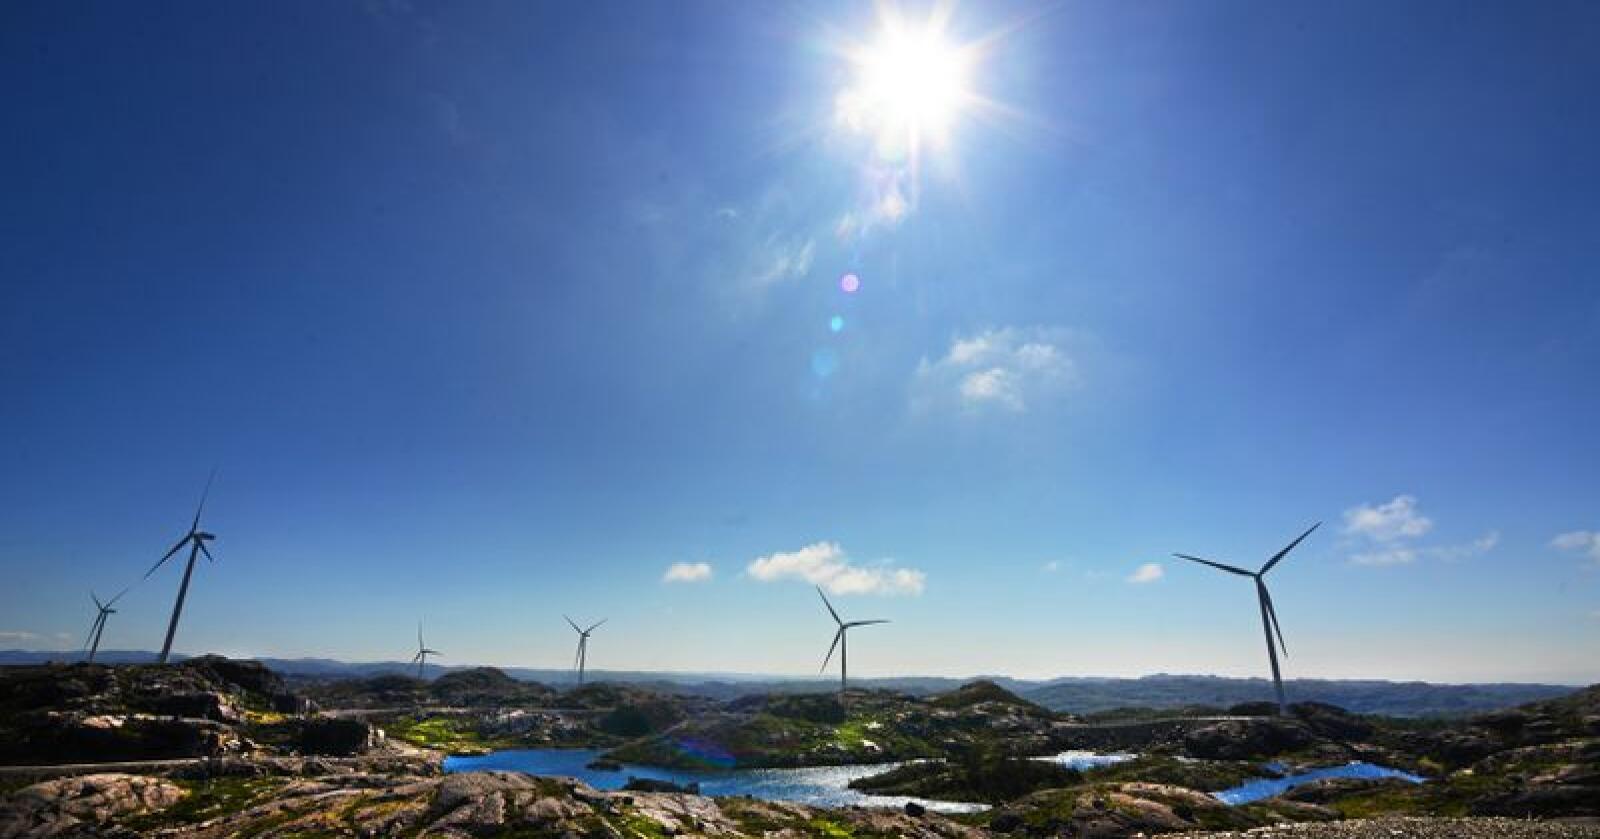 Opprinnelsesgarantier gjør at en kan betale for å sikre at det blir produsert like mye fornybar energi som en selv kjøper. Foto: Siri Juell Rasmussen